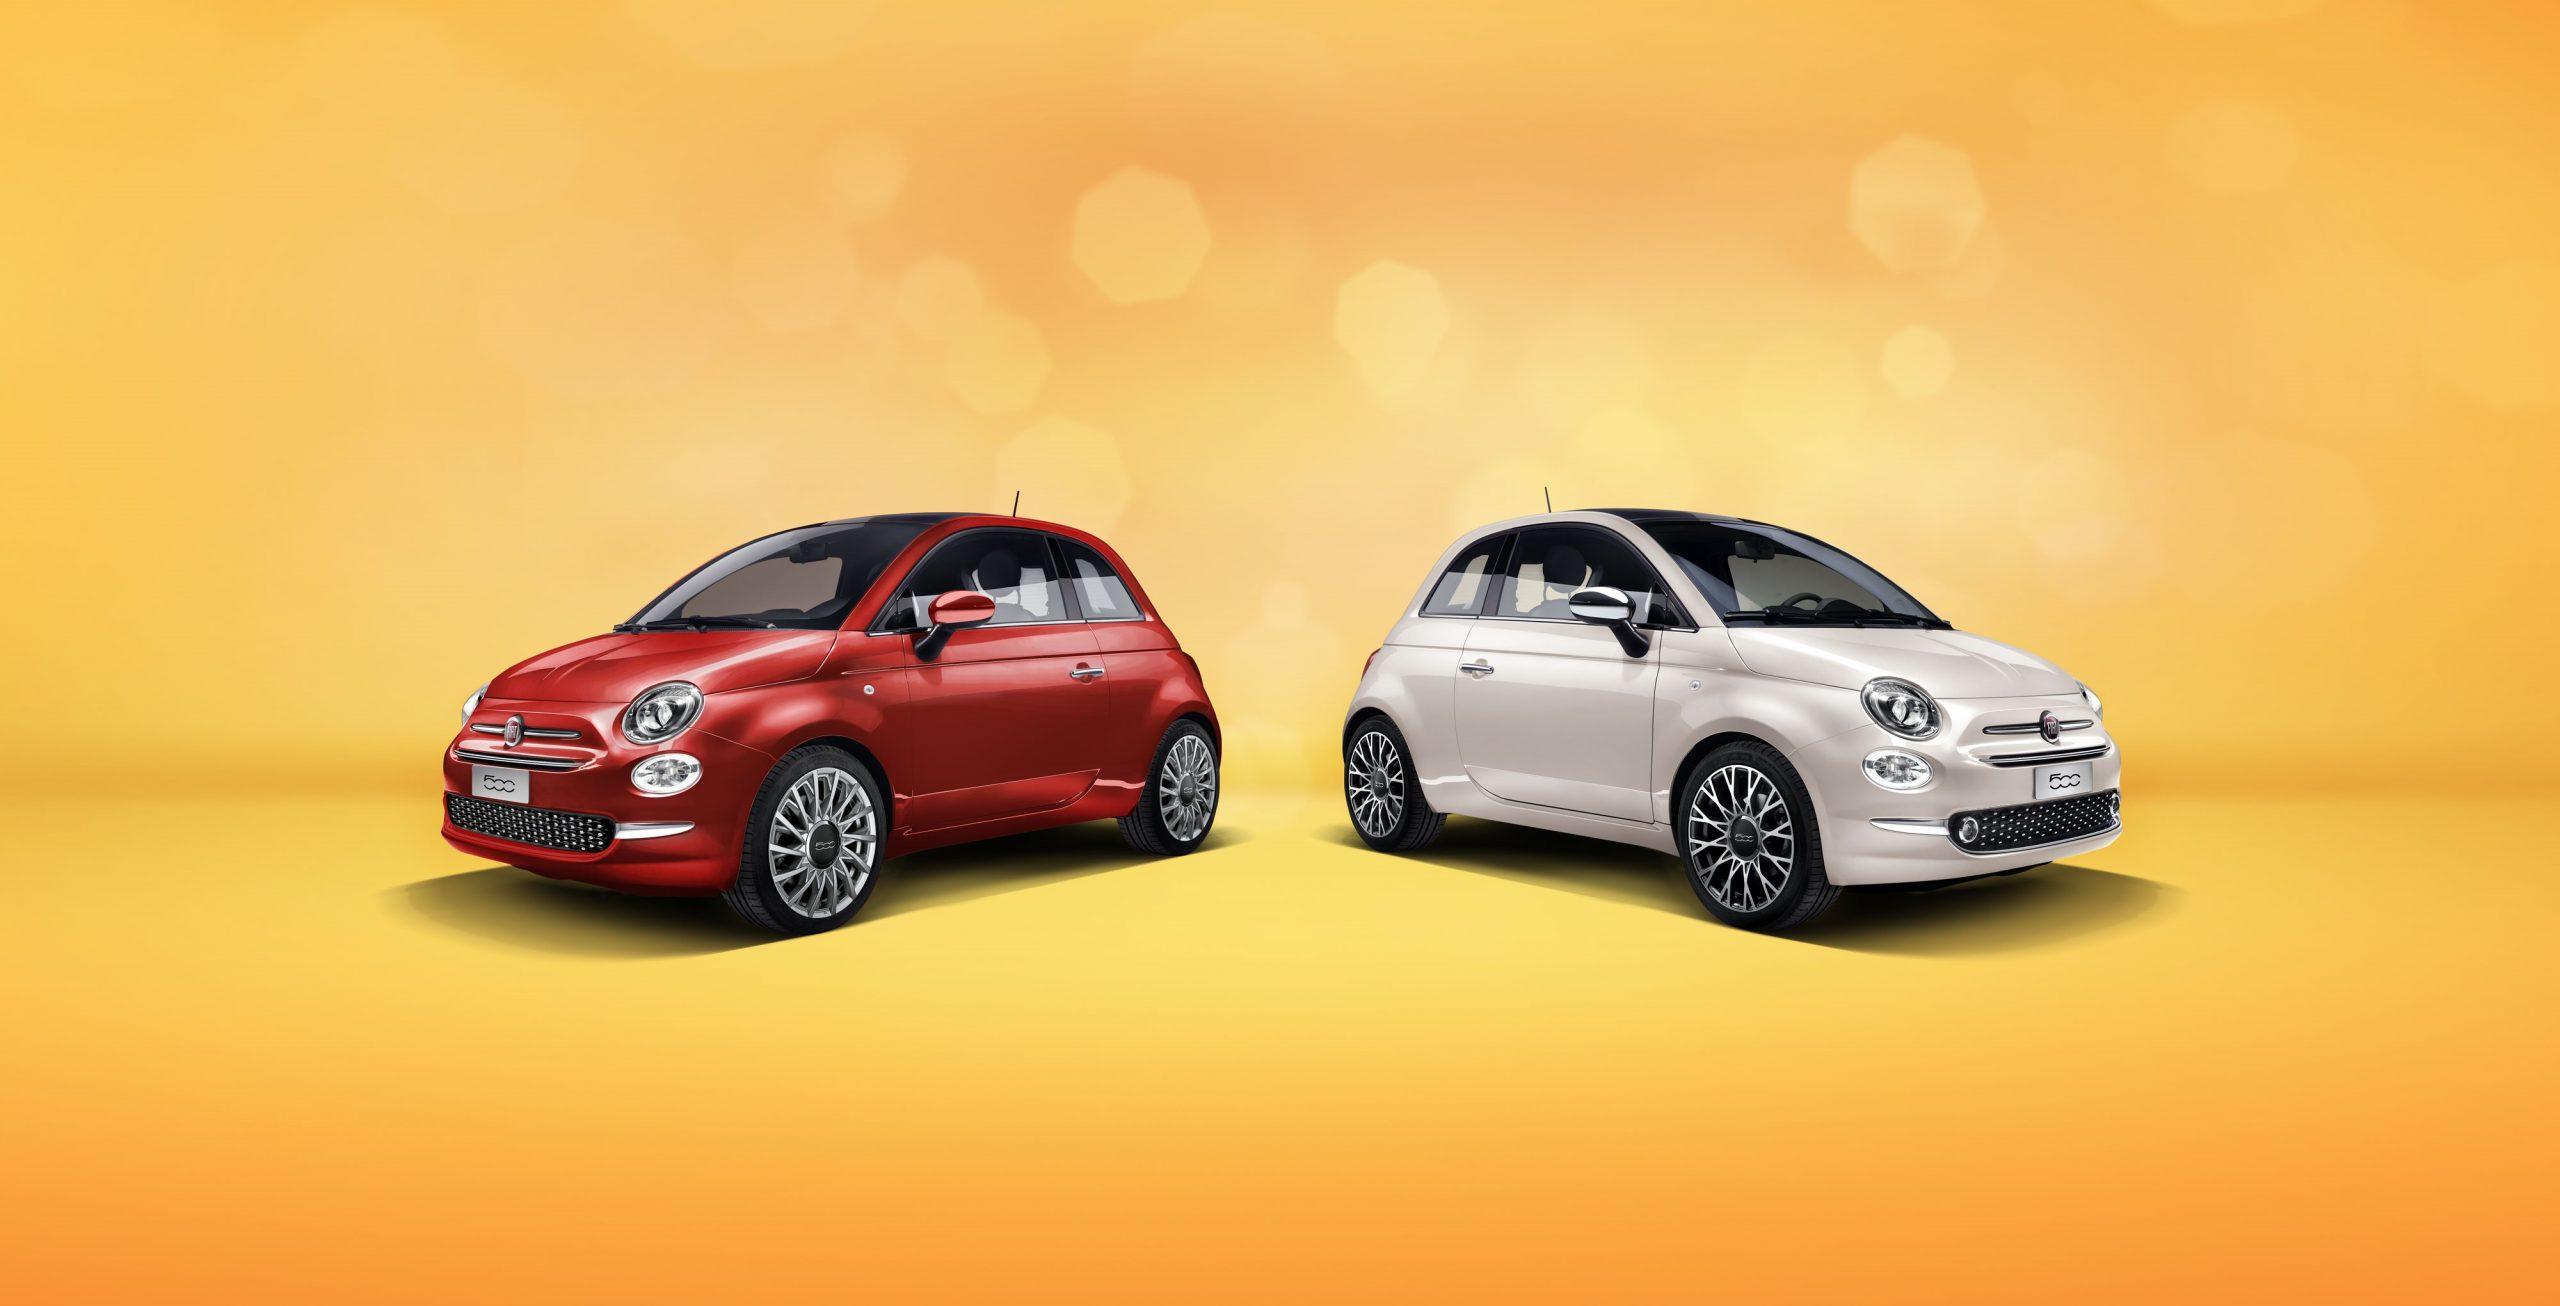 'الوطنية للسيارات' تطلق عروضاً استثنائية على طرازات 'فيات' و'أبارث' خلال رمضان